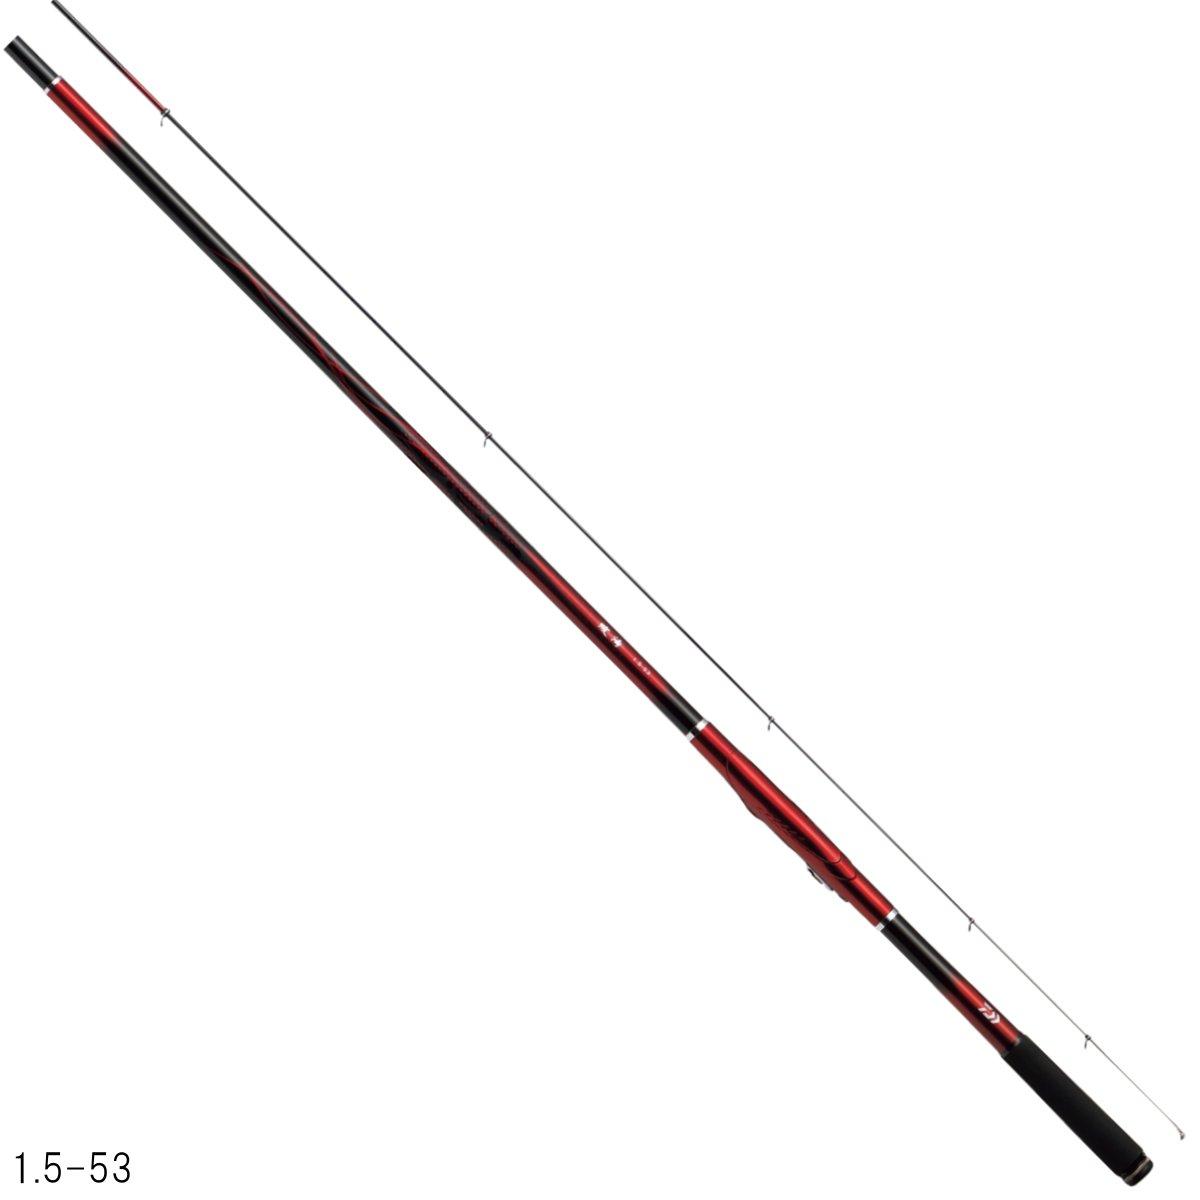 画像5: 初心者向け海釣りを始めるときのポイント! サビキ・サヨリ釣りの仕掛けや道具も紹介!